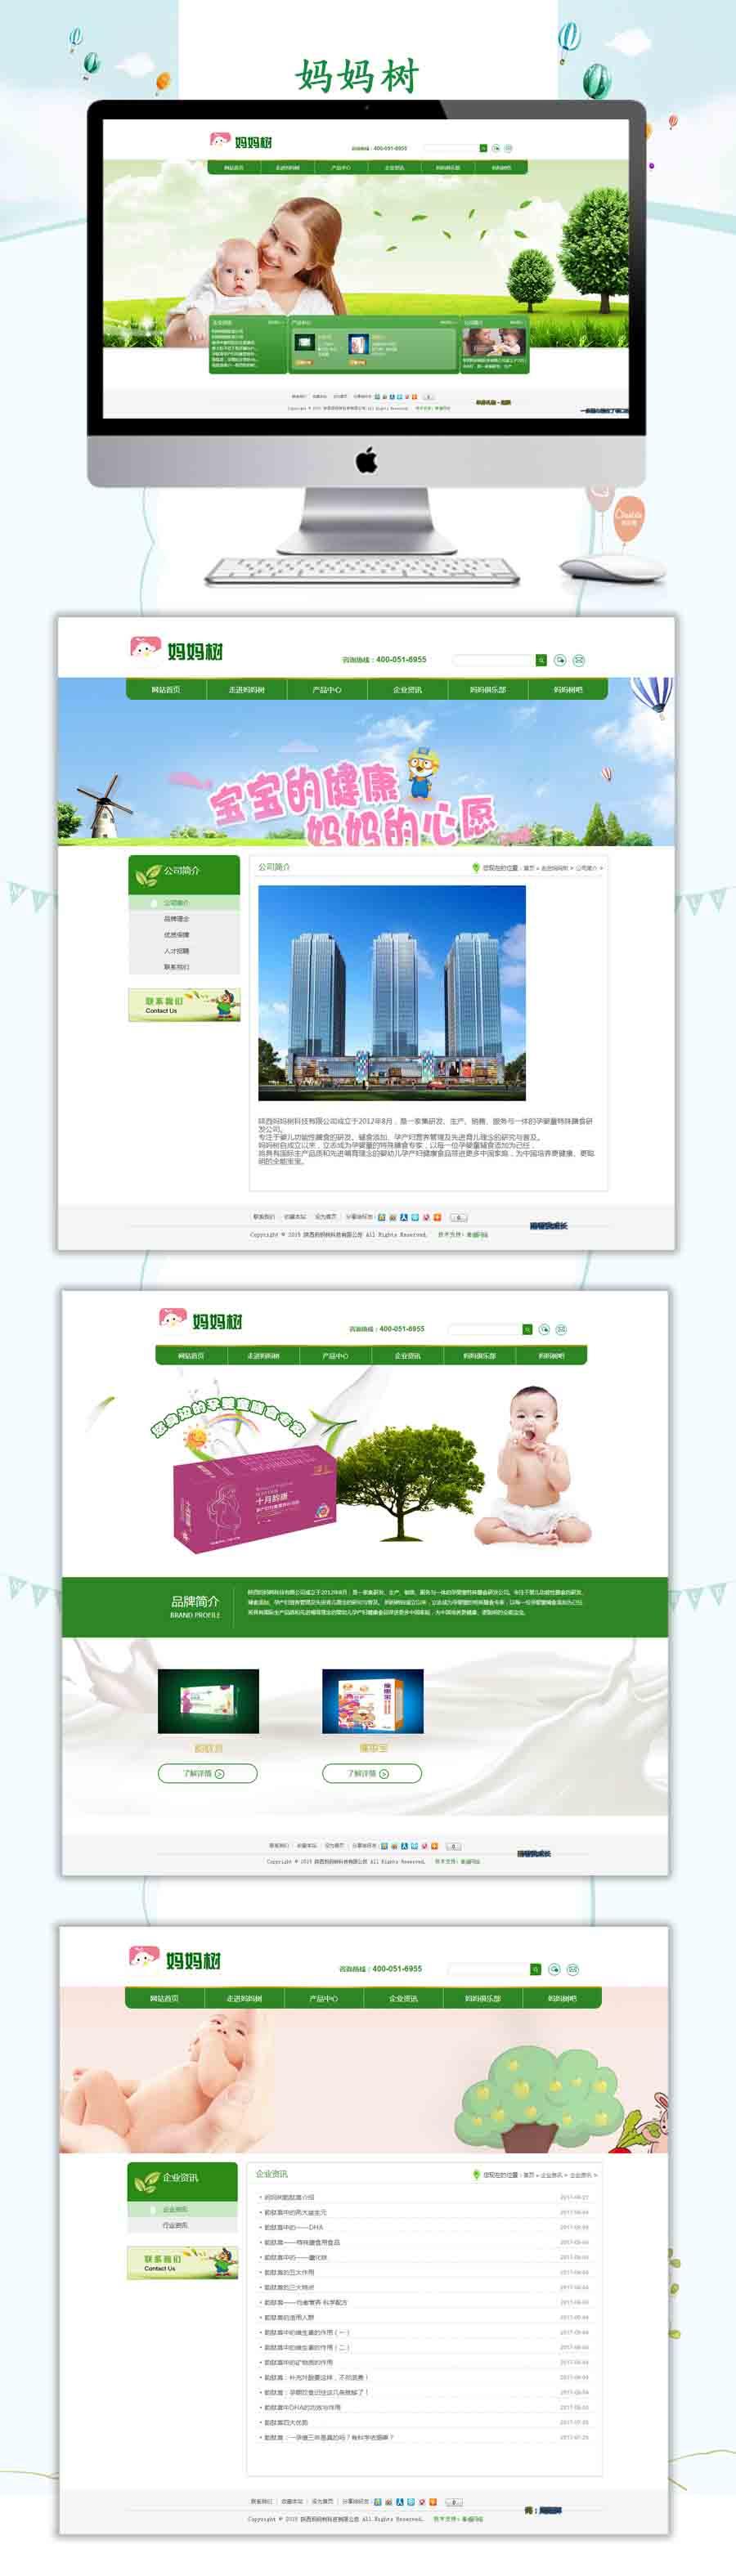 网站建设案例陕西妈妈树科技有限公司